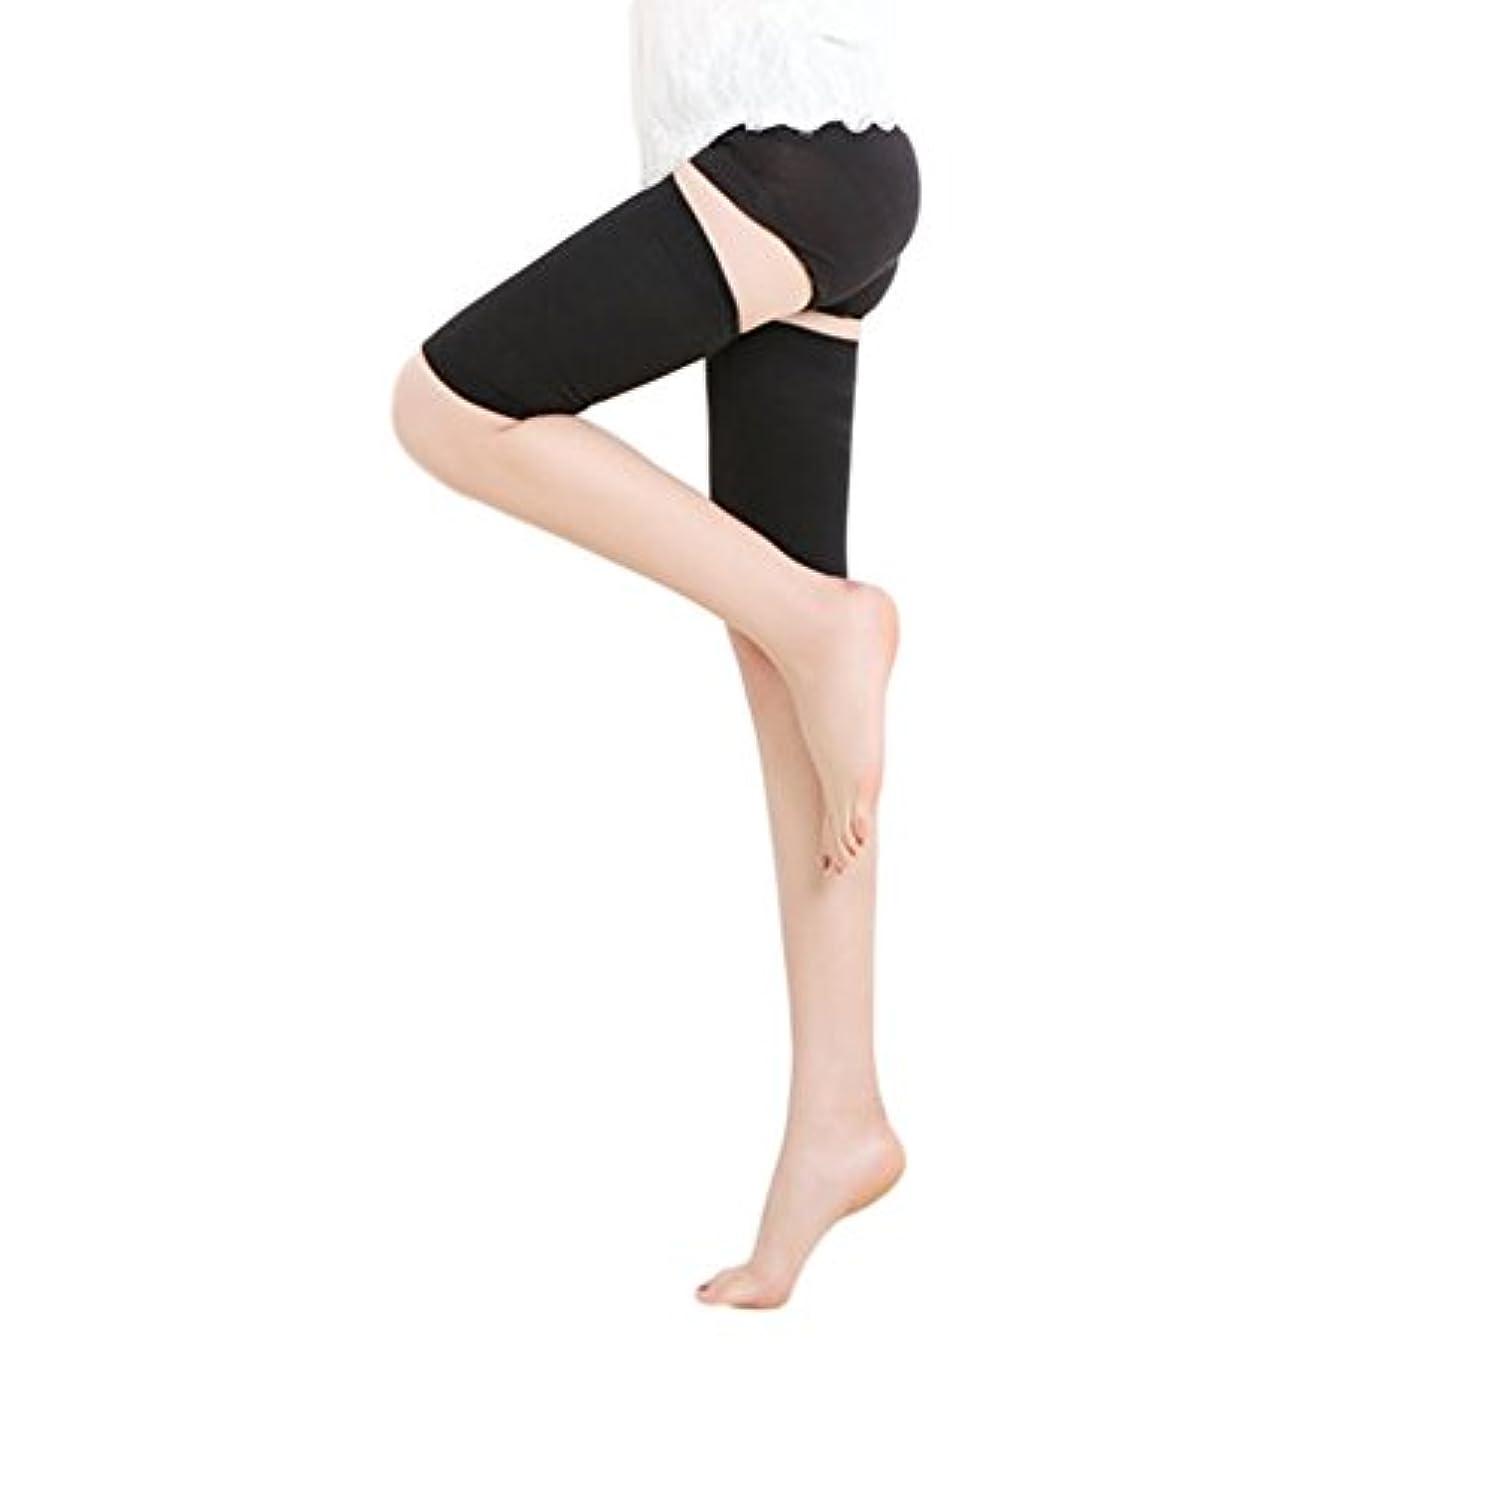 空告白するワークショップMEJORMEN 加圧 太ももサポーター 着圧ソックス 段階式圧力設計(30-40mmHg) 痩せ 筋肉質 美脚ケア 保温 通気性 太ももの疲れ?むくみ解消 1足 男女兼用 2色 M~XL